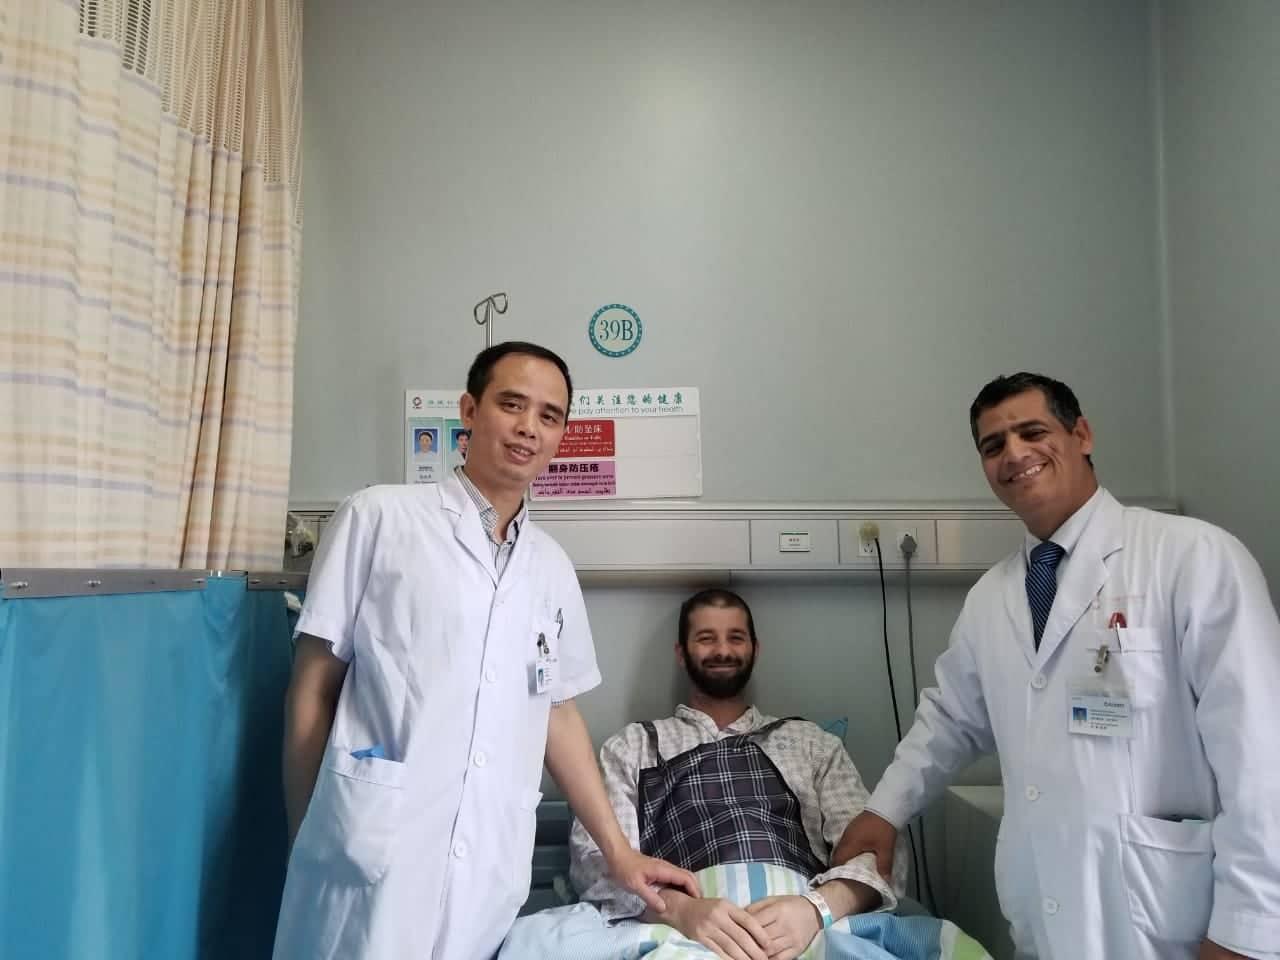 من الصين إلى العراق.. يد تمتد لمساعدة مرضى السرطان بأحدث أساليب العلاج